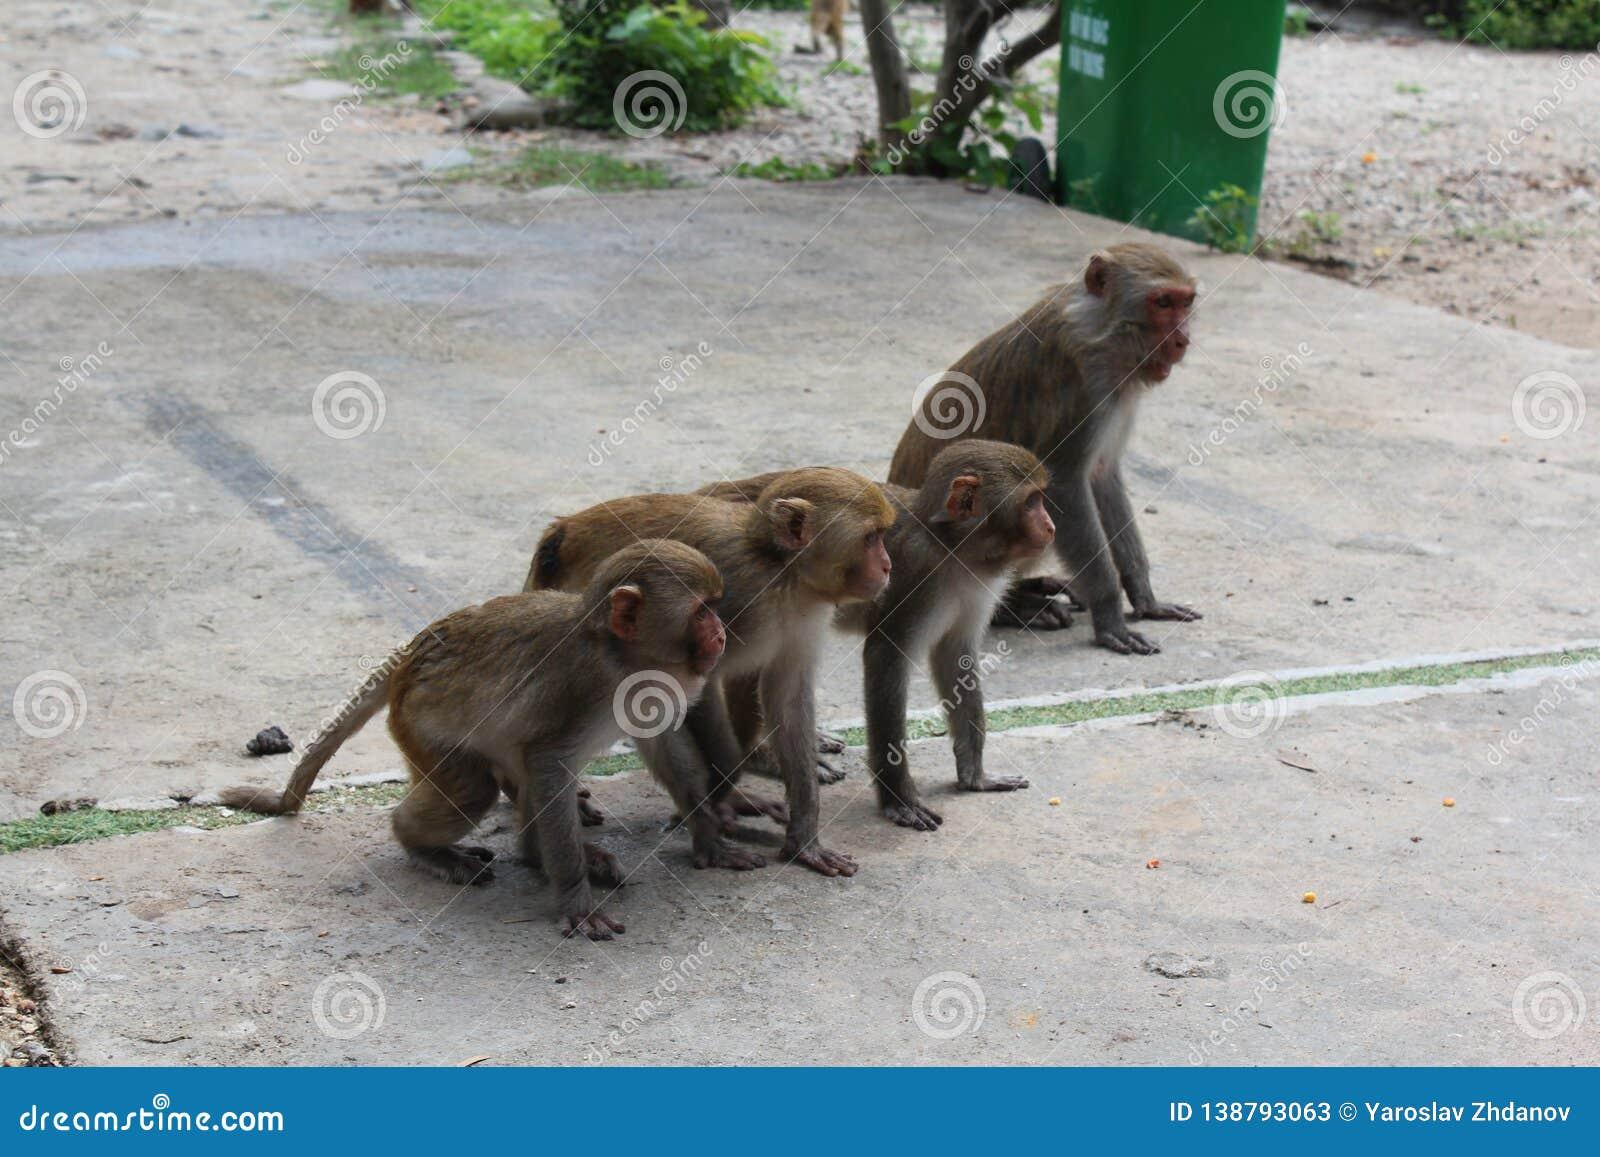 Cute baby monkeys in a row on monkey island